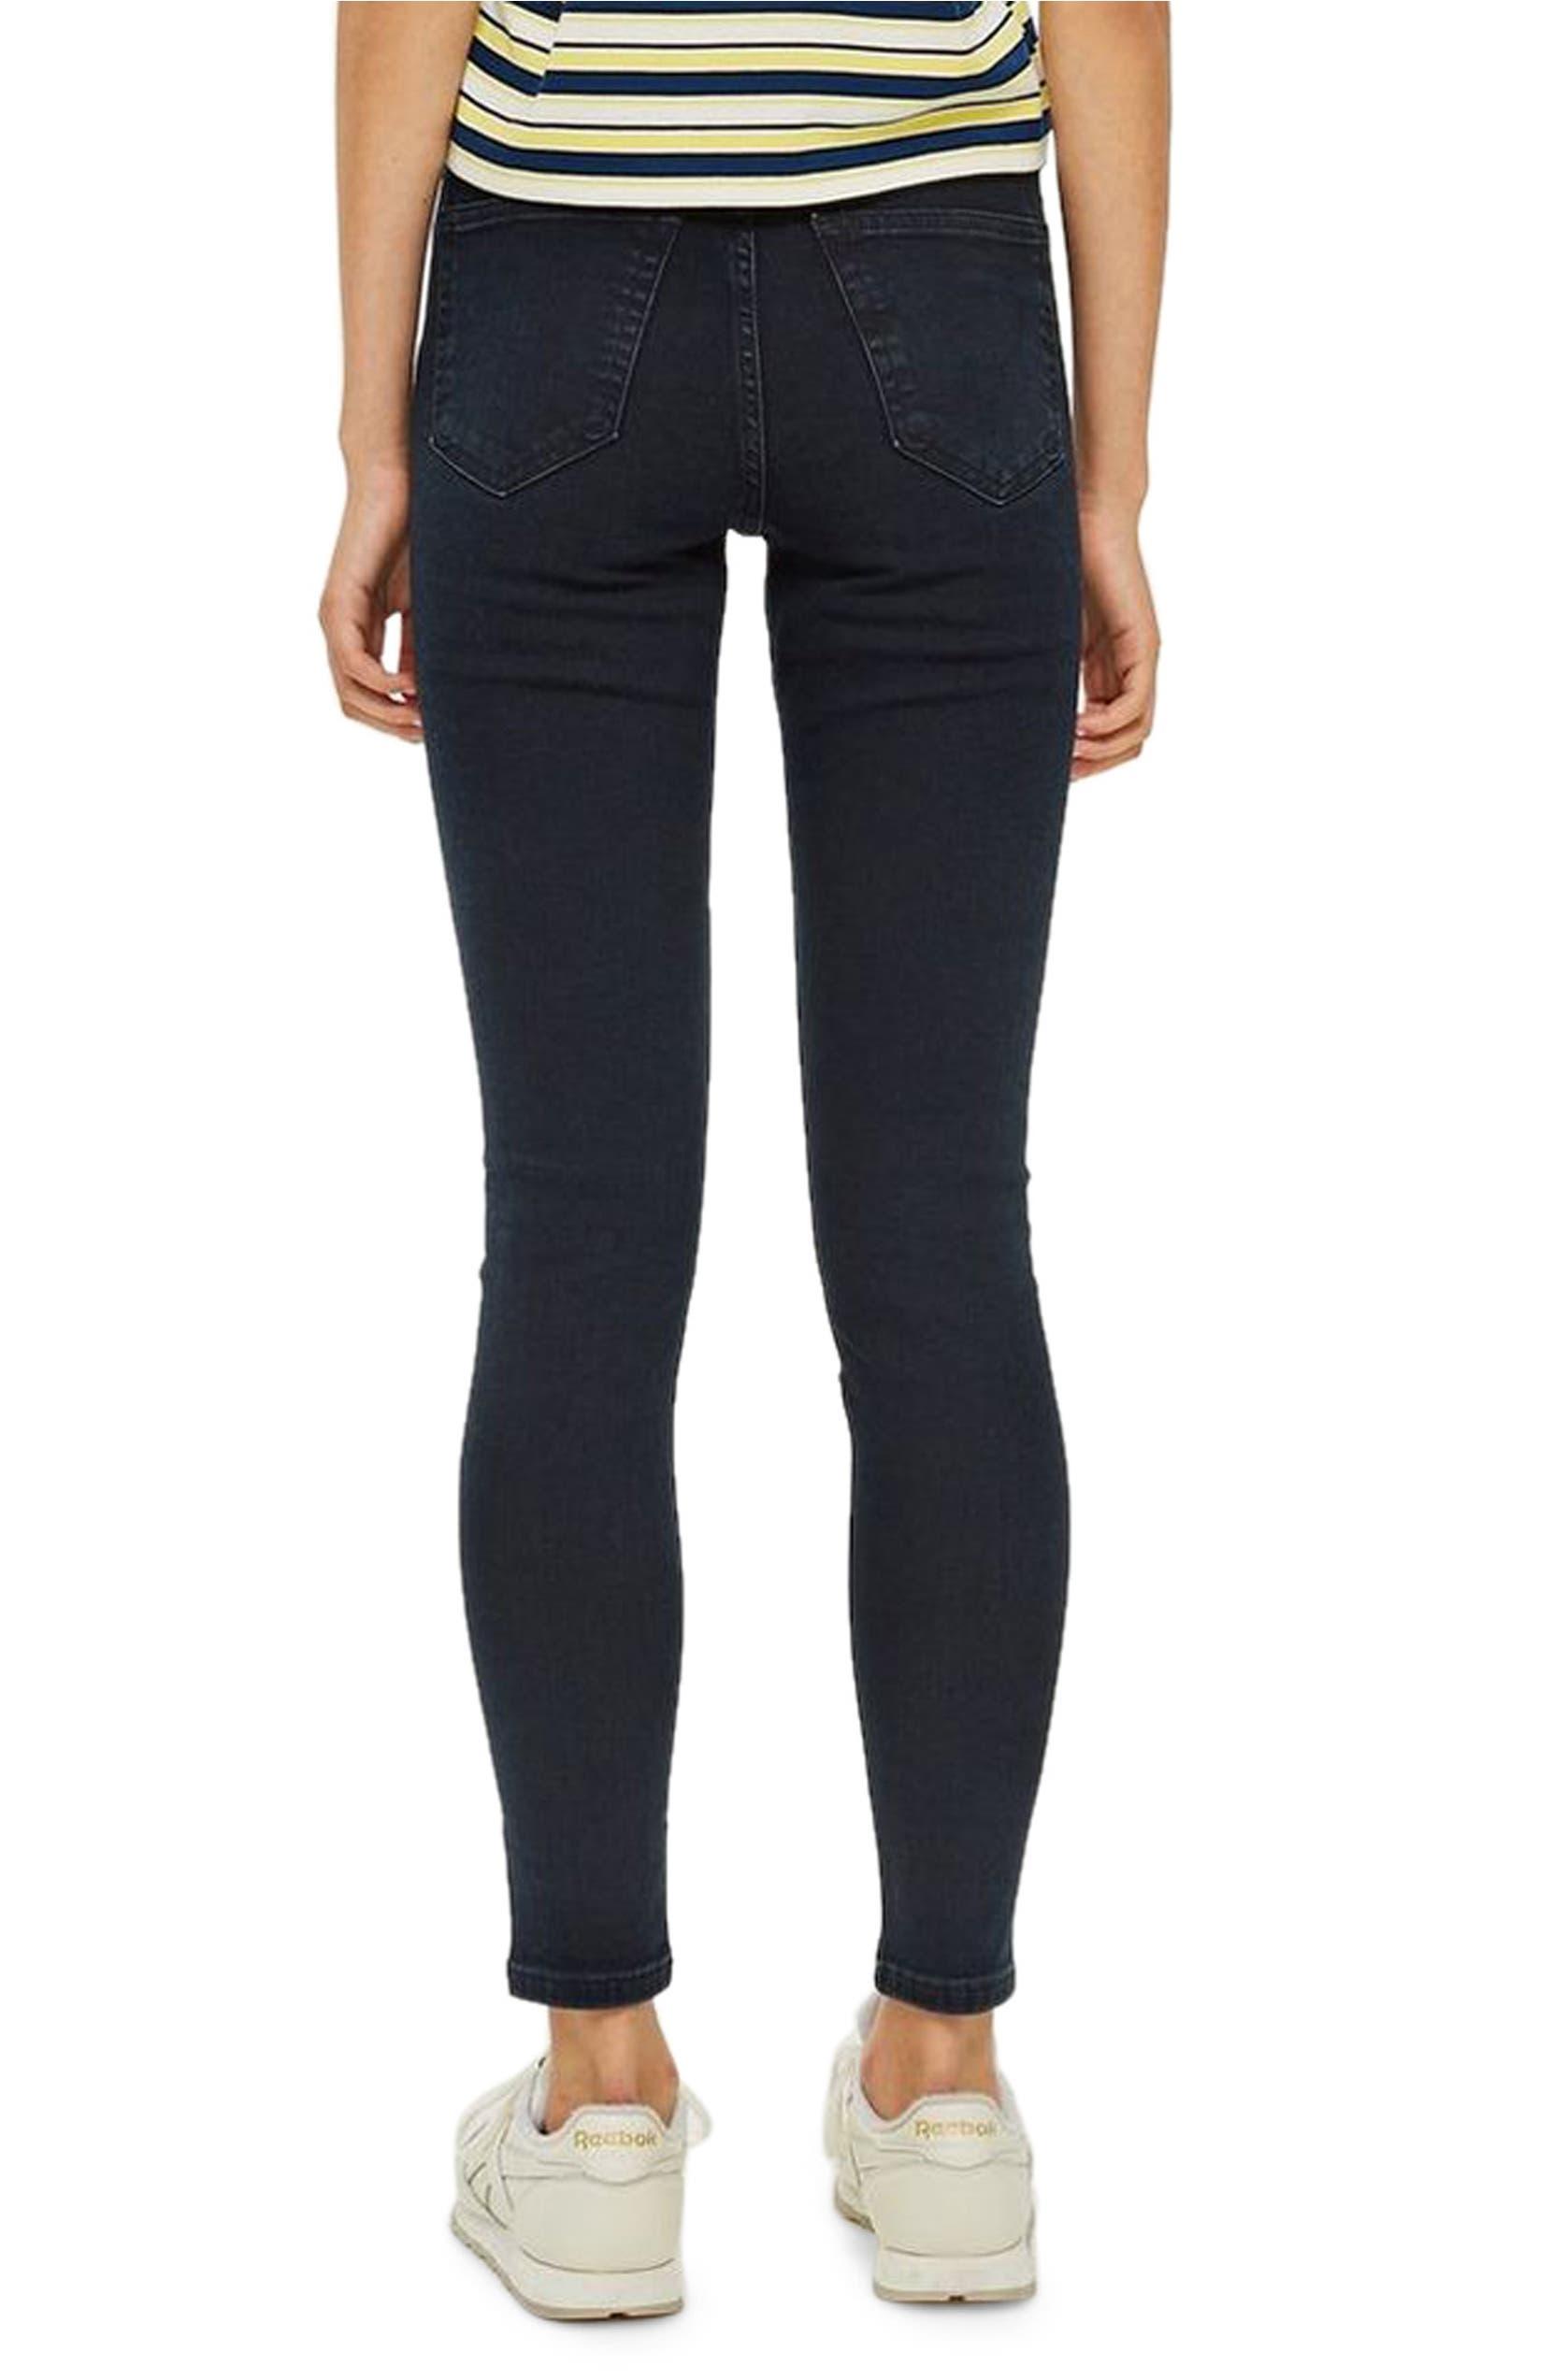 0327c0228421 Topshop Jamie High Waist Moto Skinny Jeans | Nordstrom